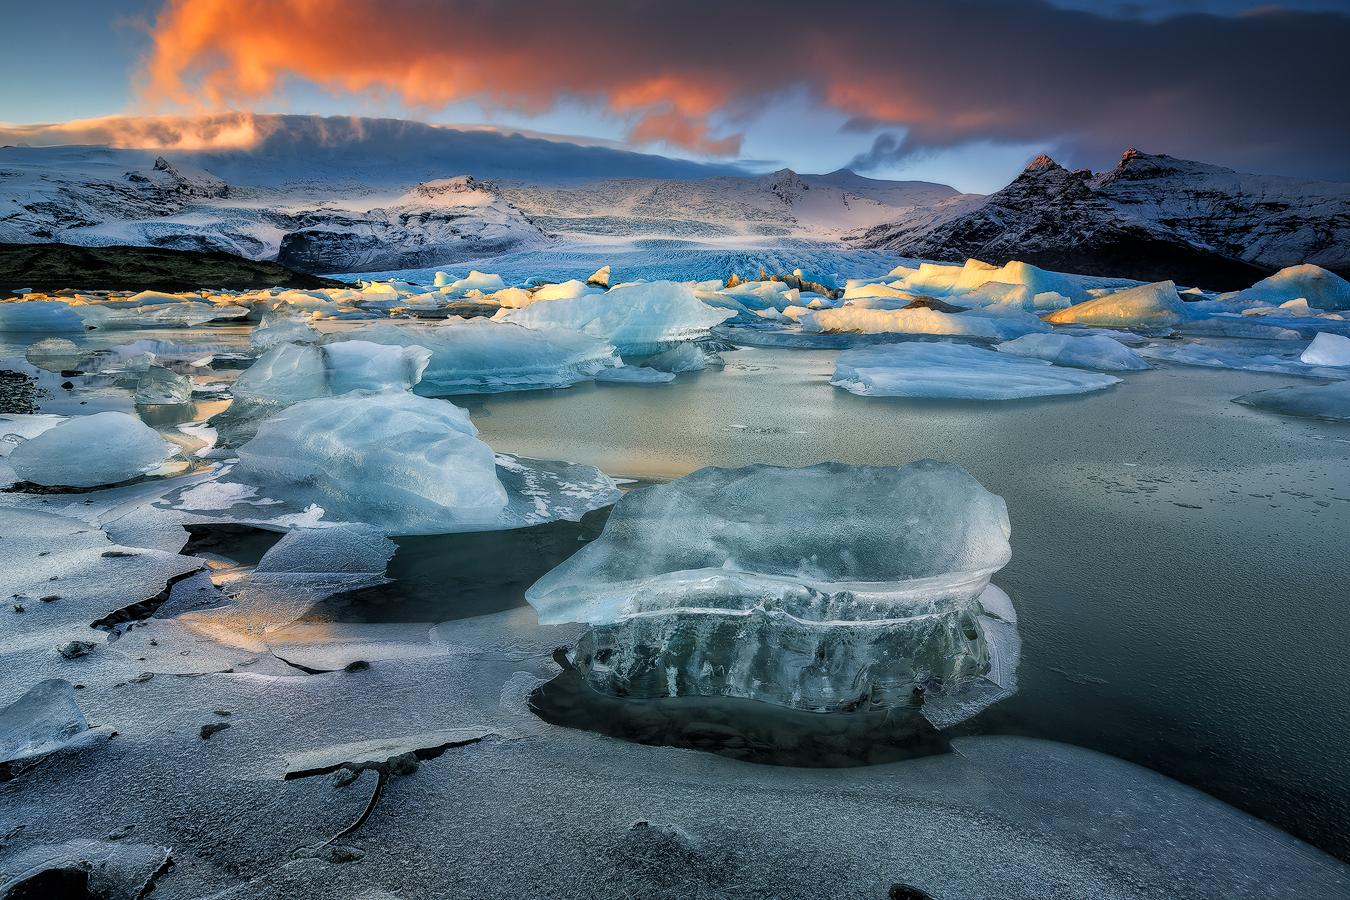 13-dniowa budżetowa, samodzielna wycieczka po całej obwodnicy Islandii z wodospadami i Fiordami Zachodnimi - day 4